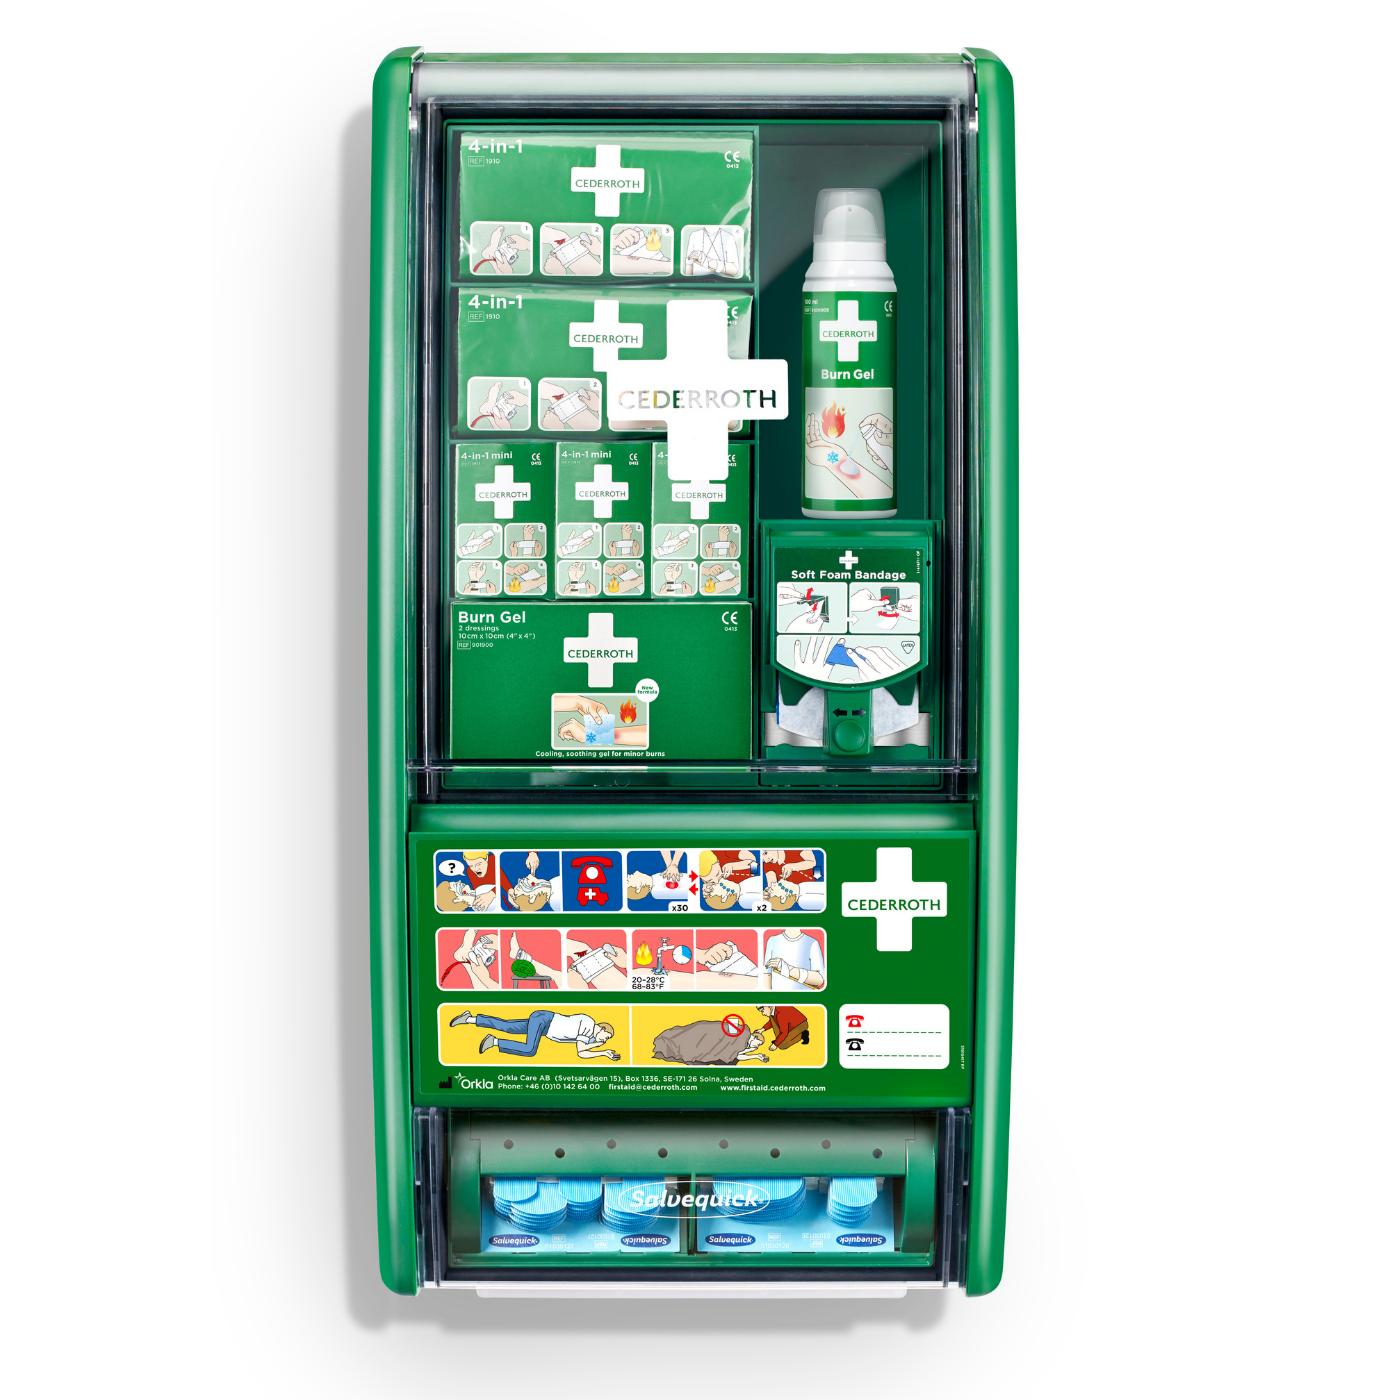 Apteczka Cedderroth First Aid&Burn Station 51011003